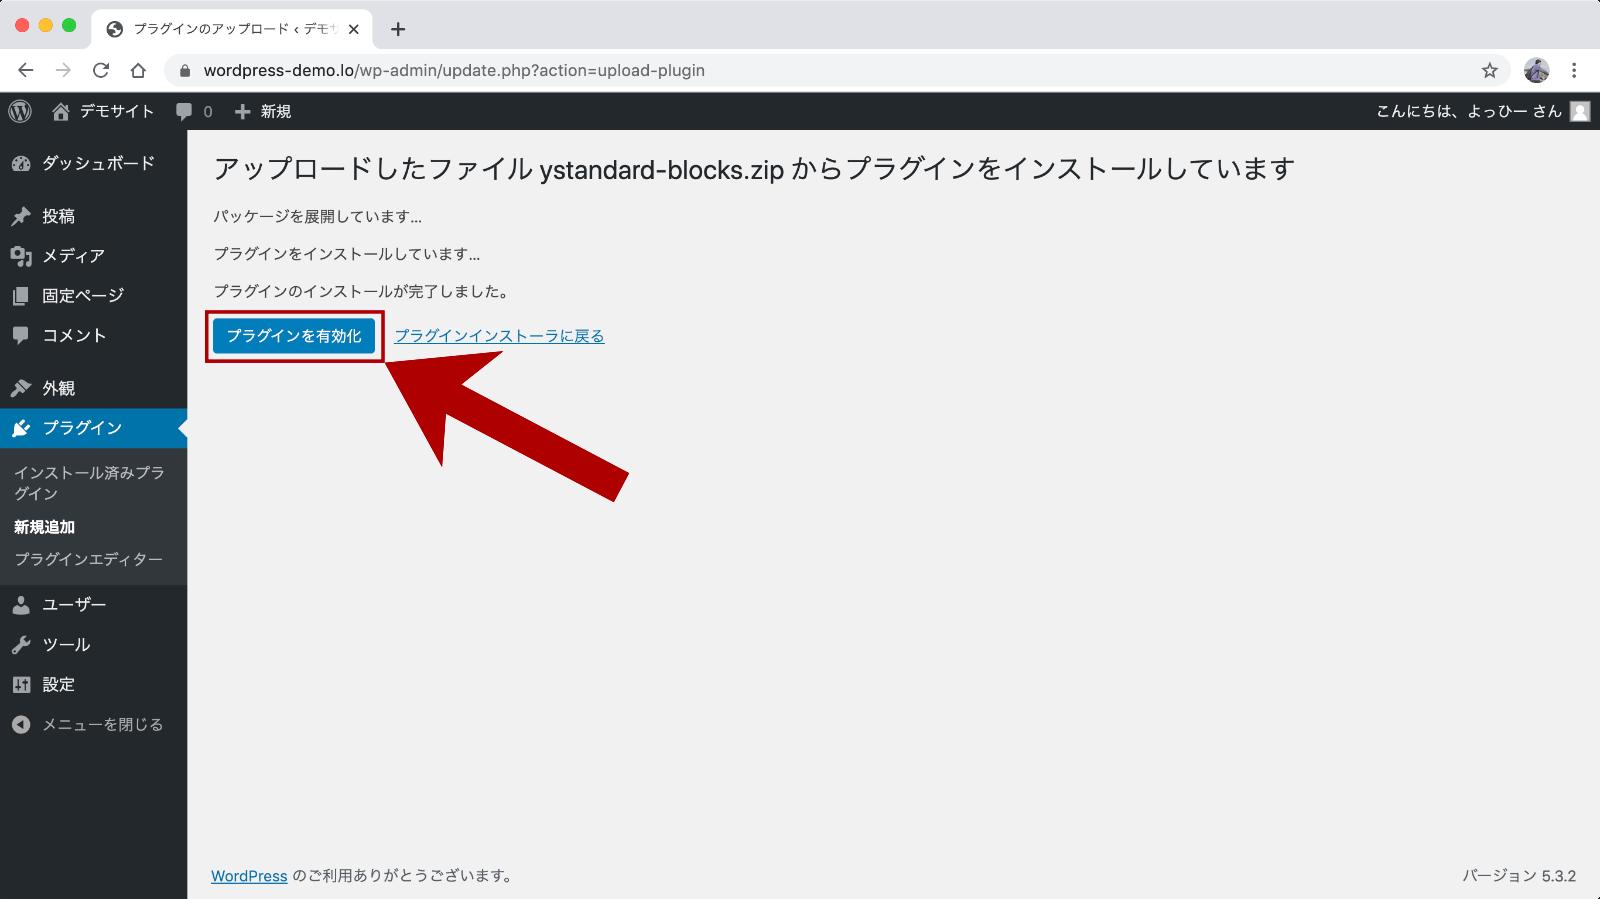 アップロードしたWordPressプラグインの有効化